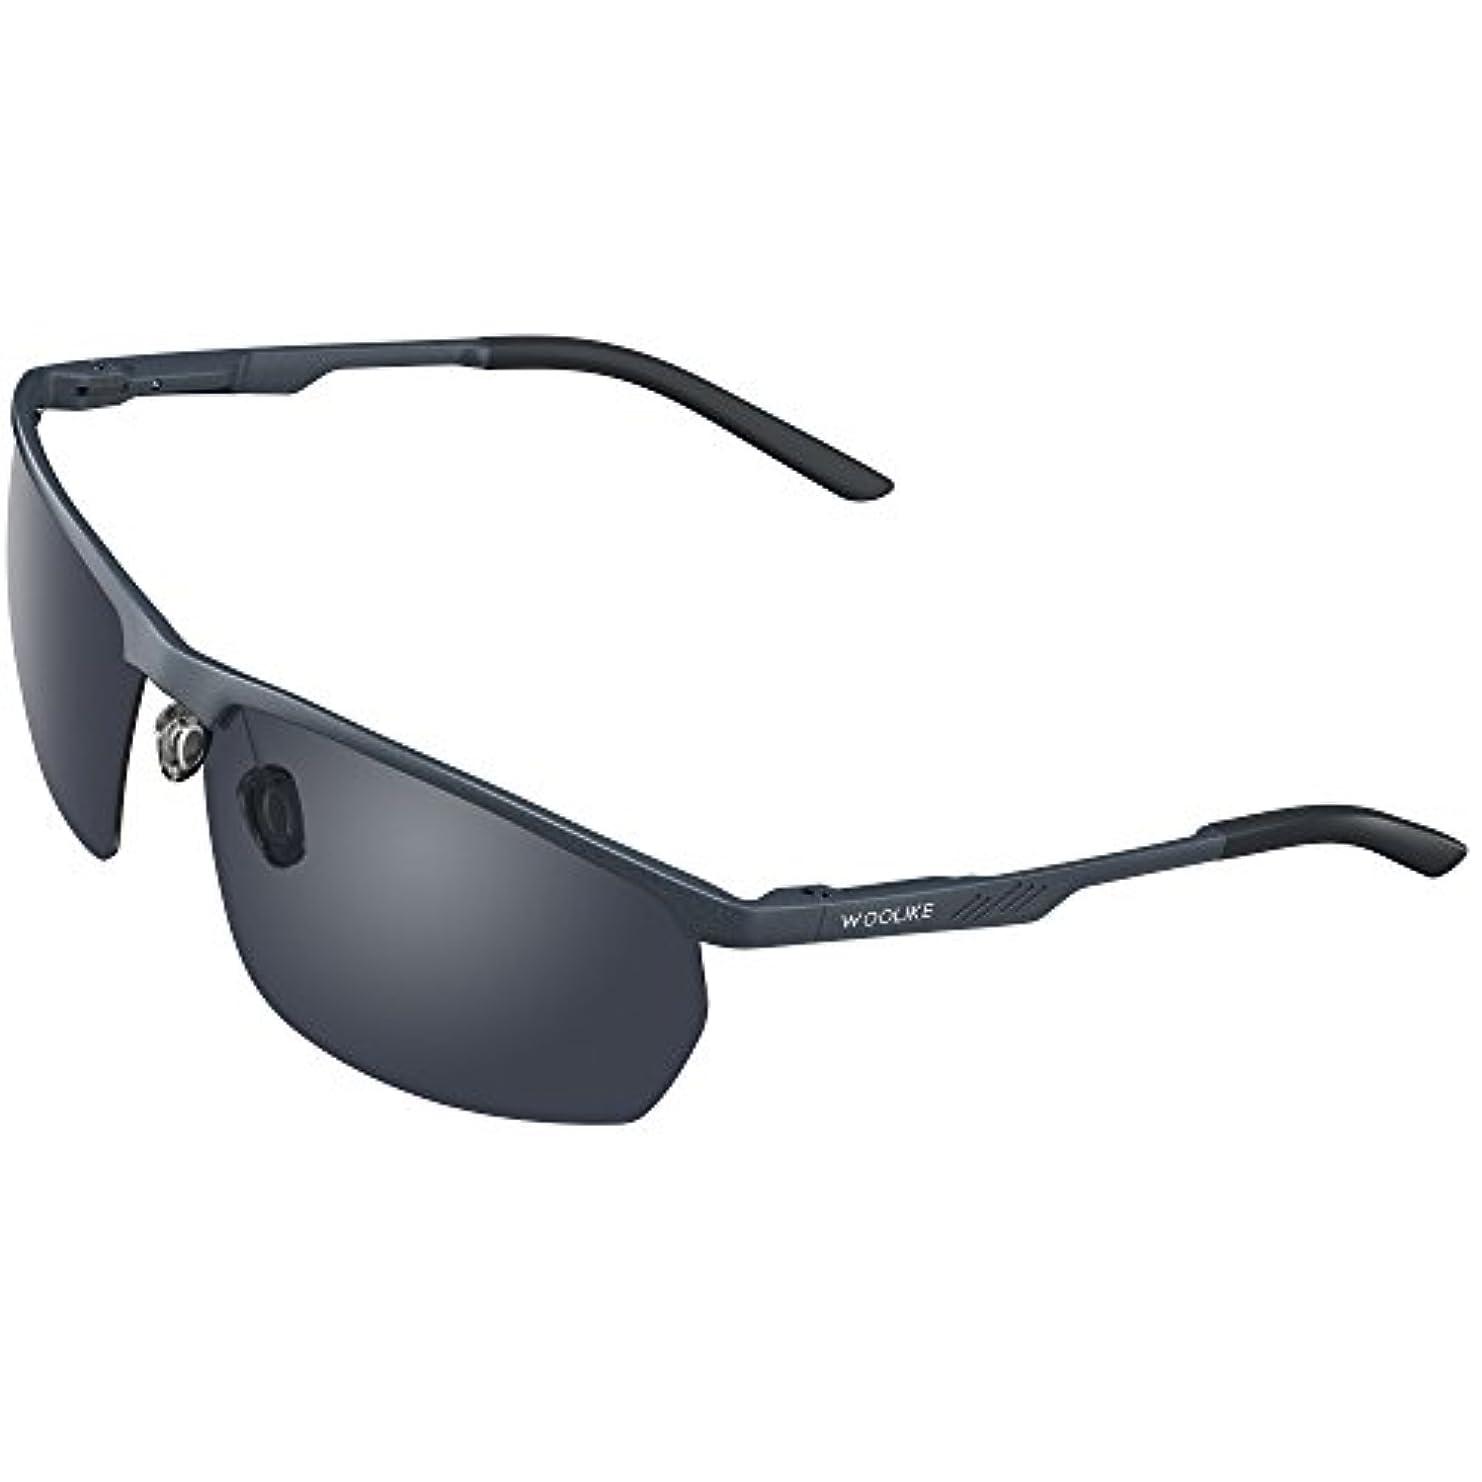 牧師インストラクター美しいWOOLIKE 偏光レンズ スポーツサングラス 超軽量 メンズレディース UV400 紫外線カット アルミ-マグネシウム合金 サングラス 自転車/釣り/野球/テニス/スキー/ランニング/ゴルフ/夜間ドライブ 偏向サングラス W820